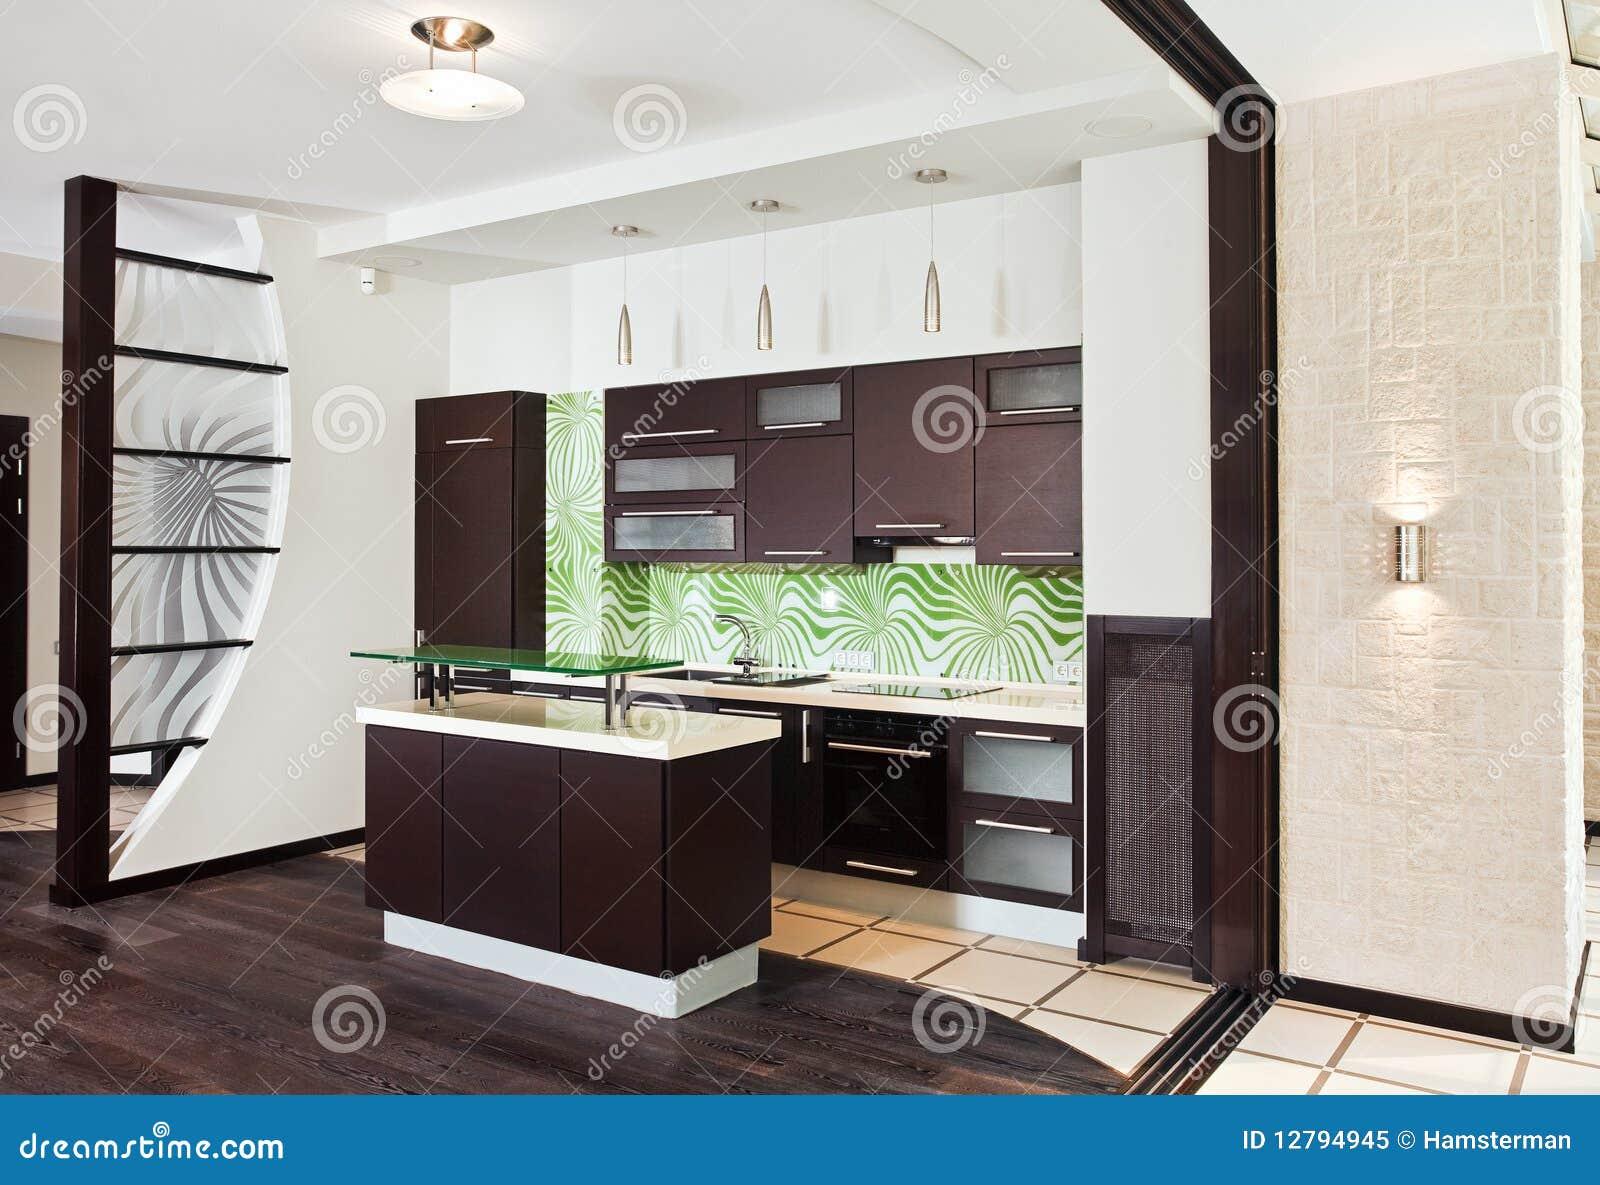 moderne k che mit dunklem h lzernem fu boden lizenzfreies. Black Bedroom Furniture Sets. Home Design Ideas